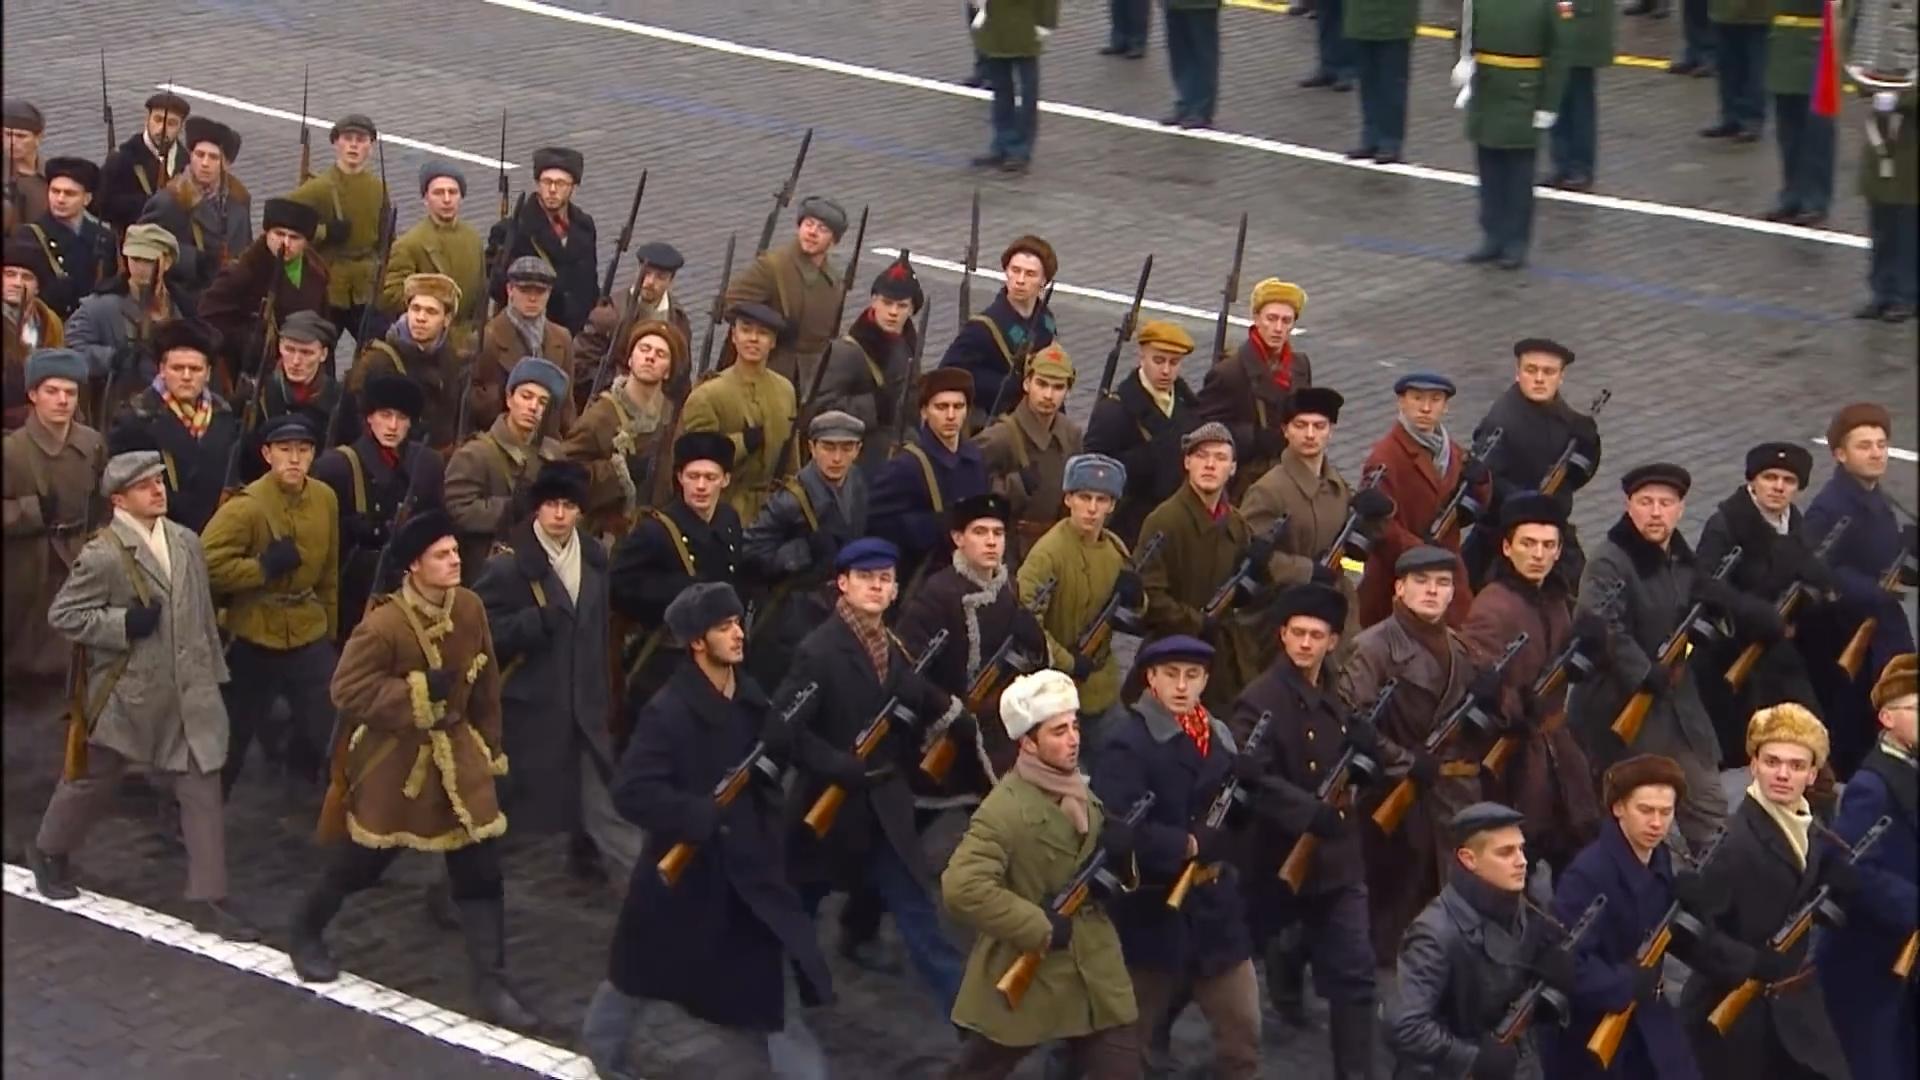 49-Марш в честь годовщины парада на Красной площади 1941-го года в Москве. Прямая трансляция